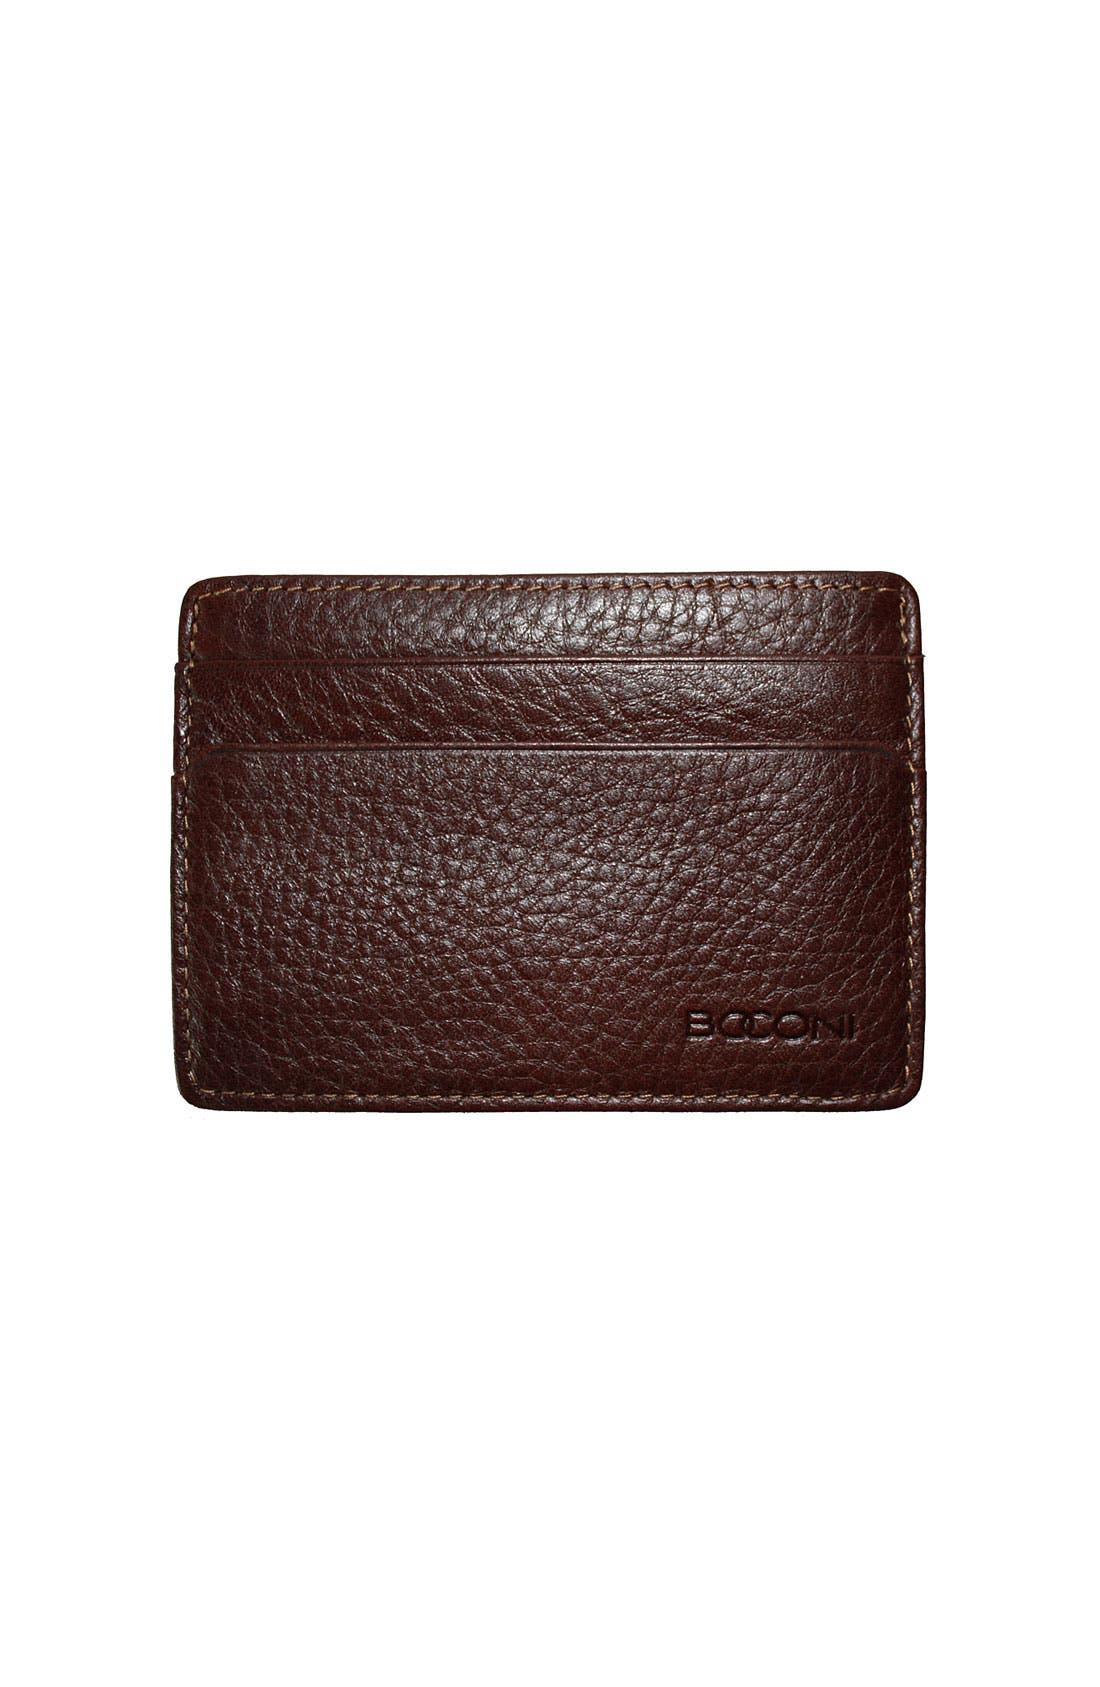 Main Image - Boconi 'Tyler' Tumbled Leather ID Card Case